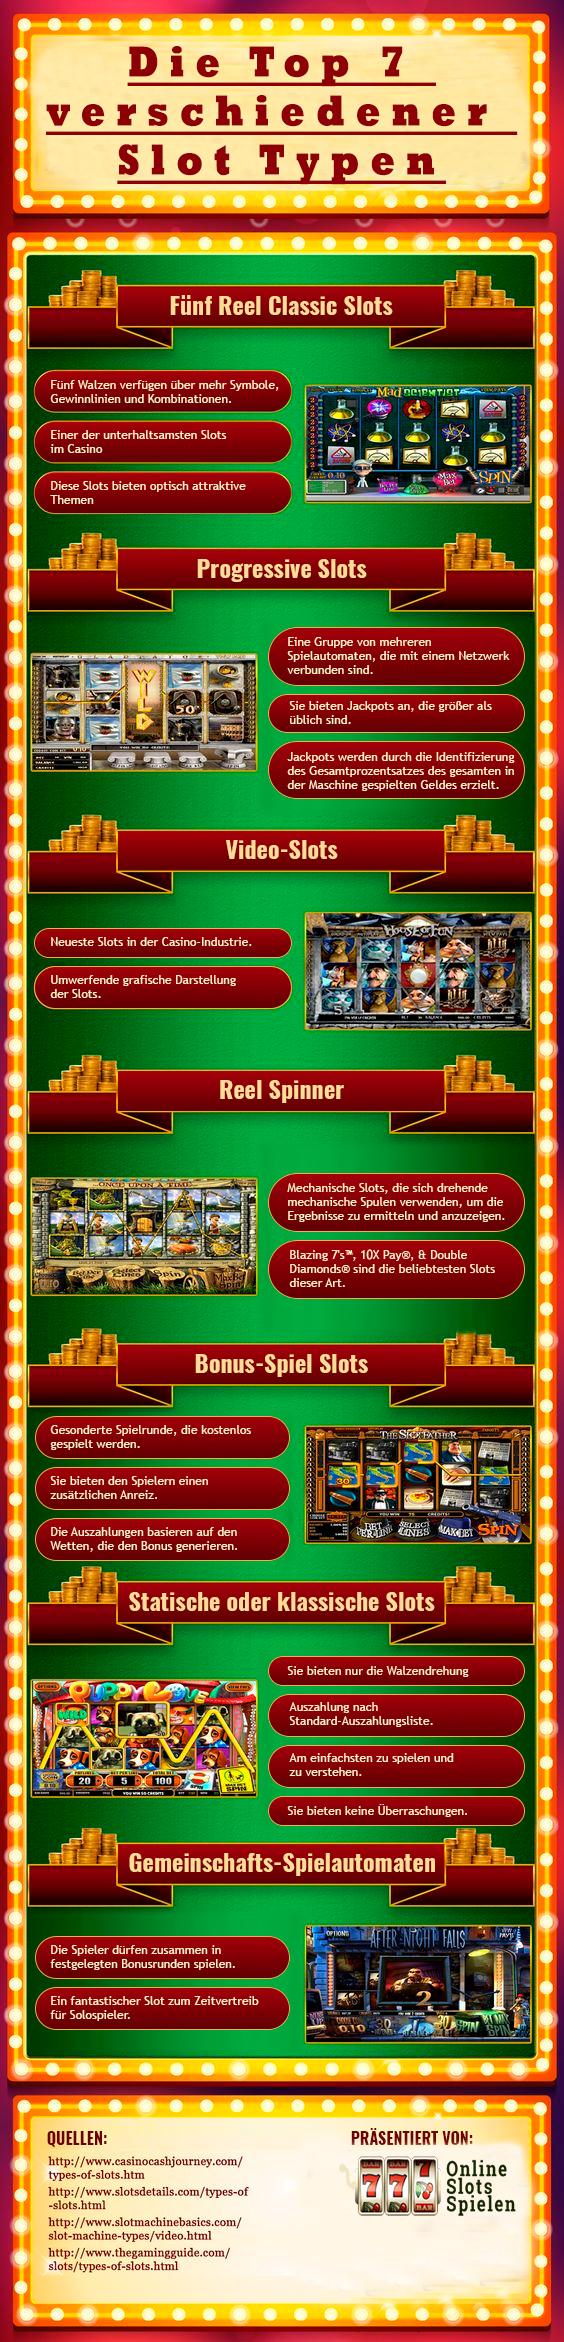 Top 7 Verschiedene Slot-Arten infographic